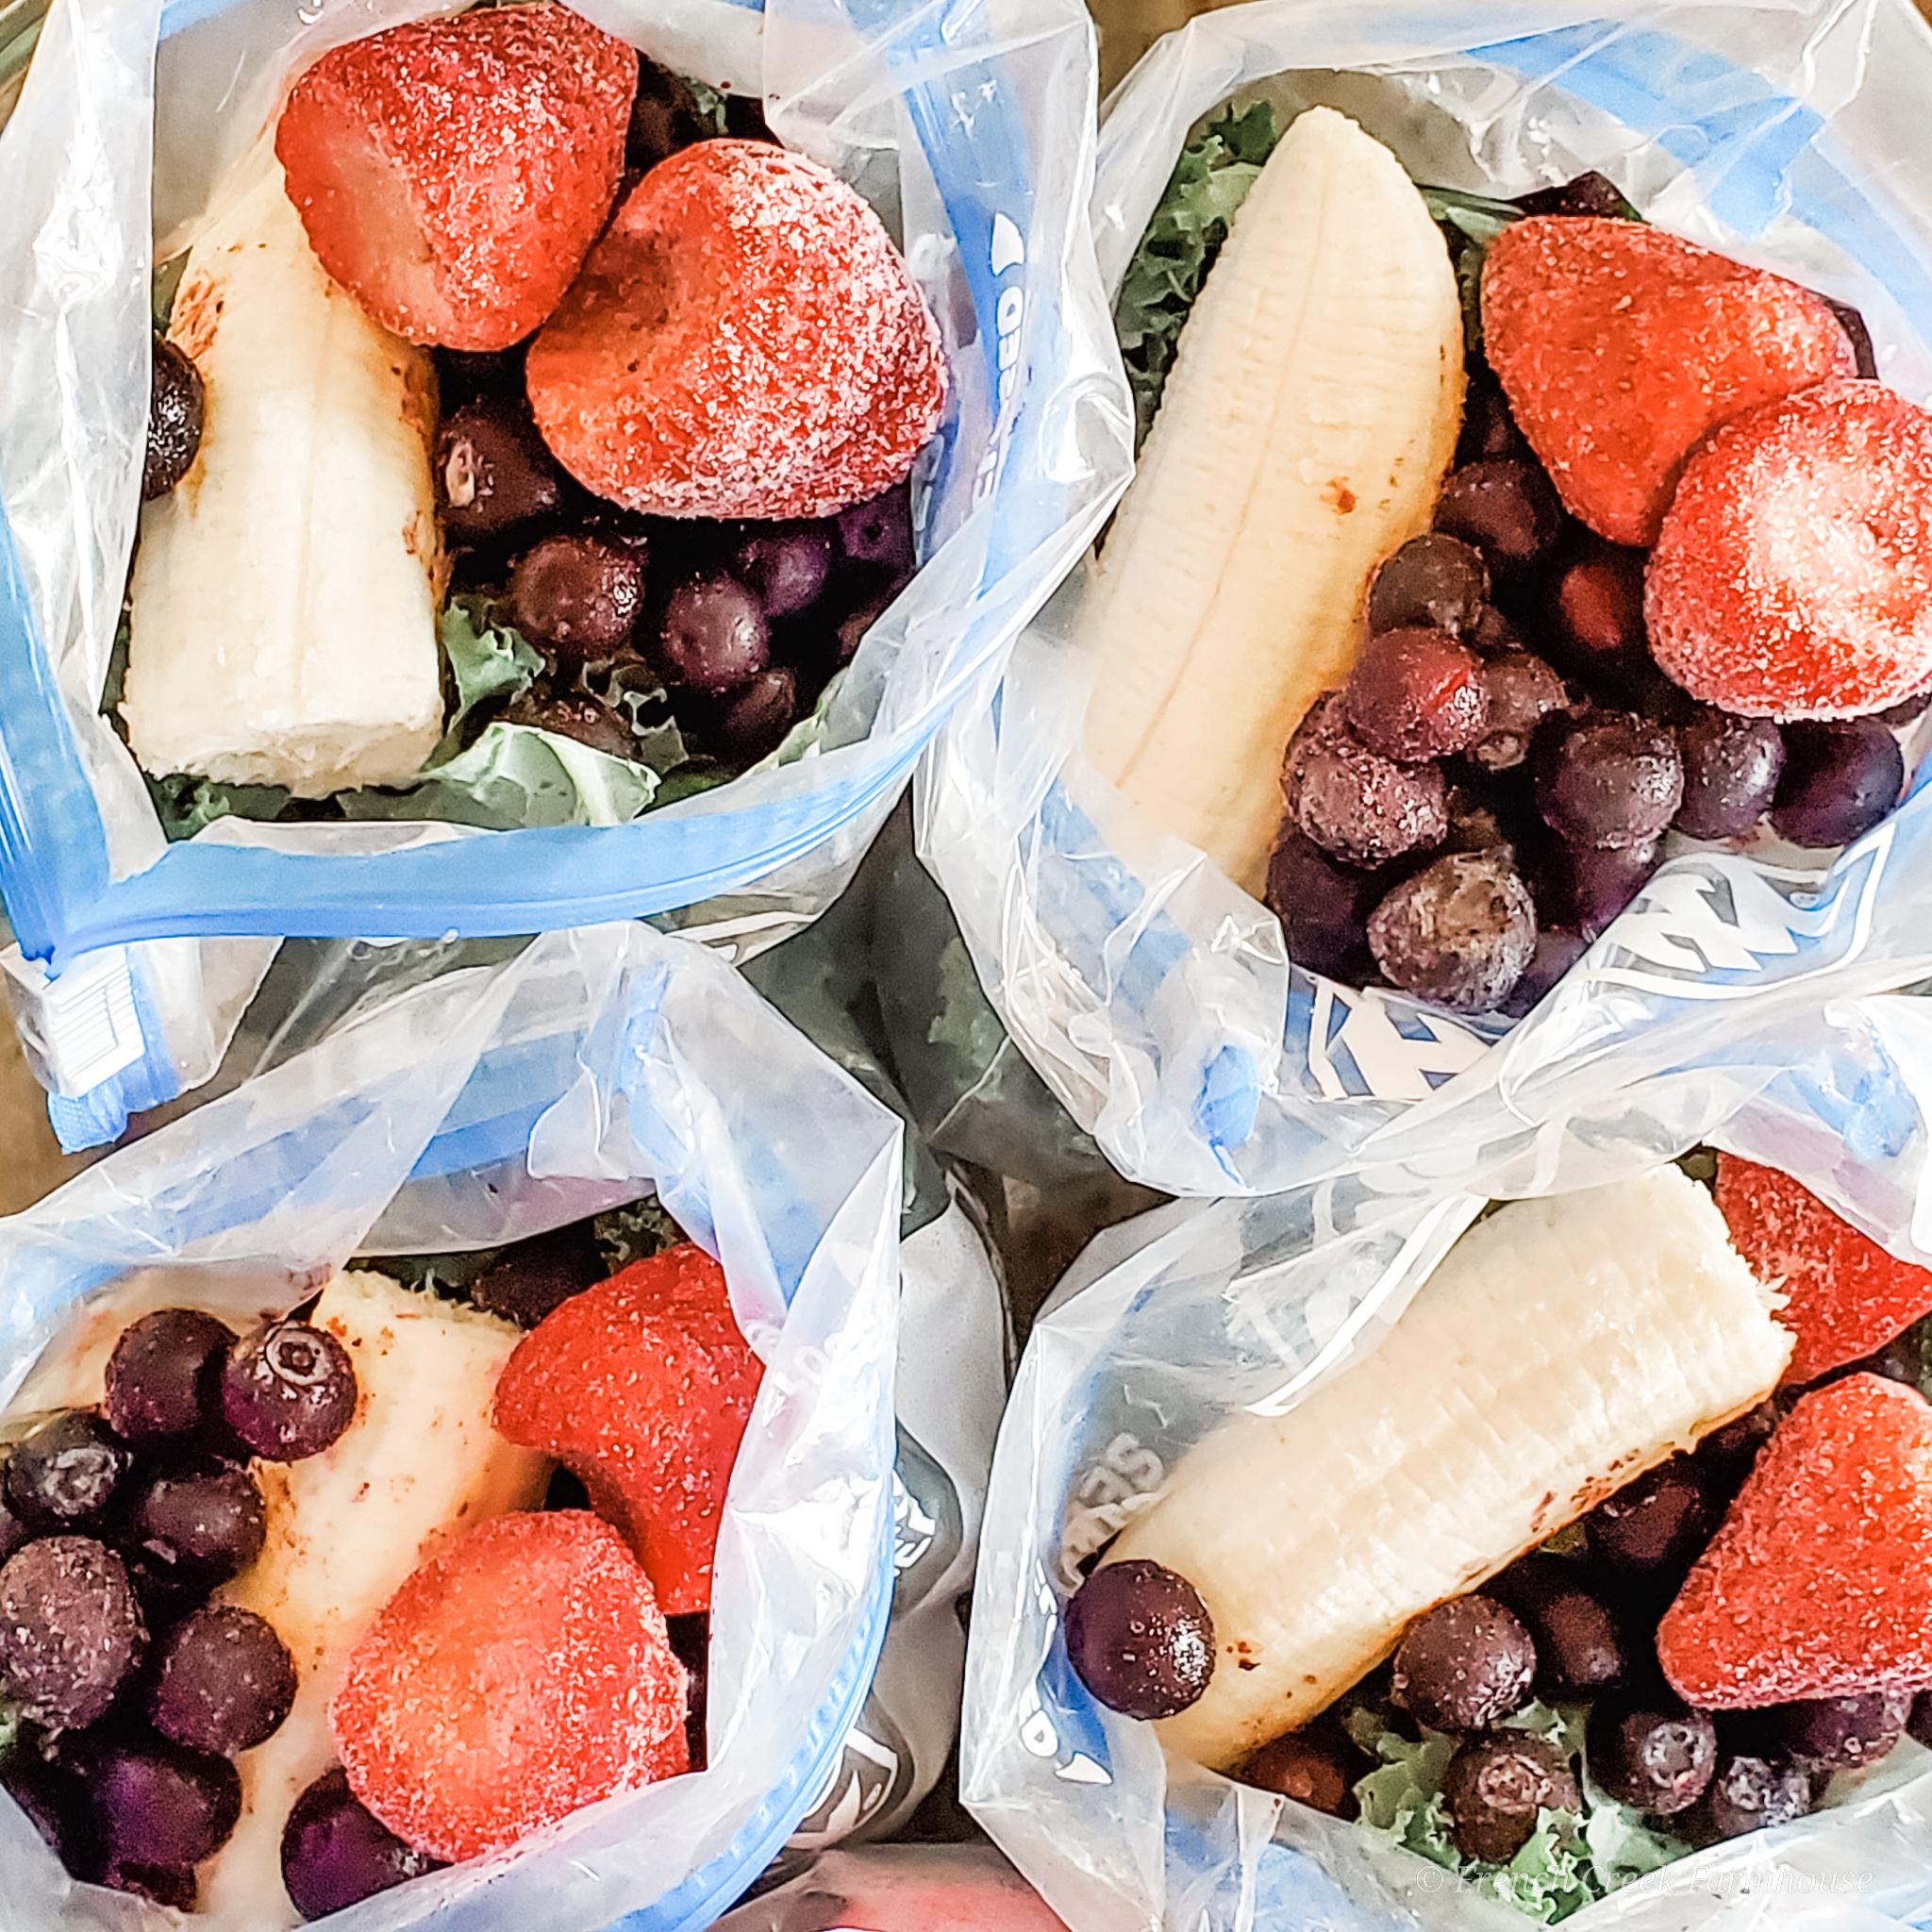 Bags of frozen fruit